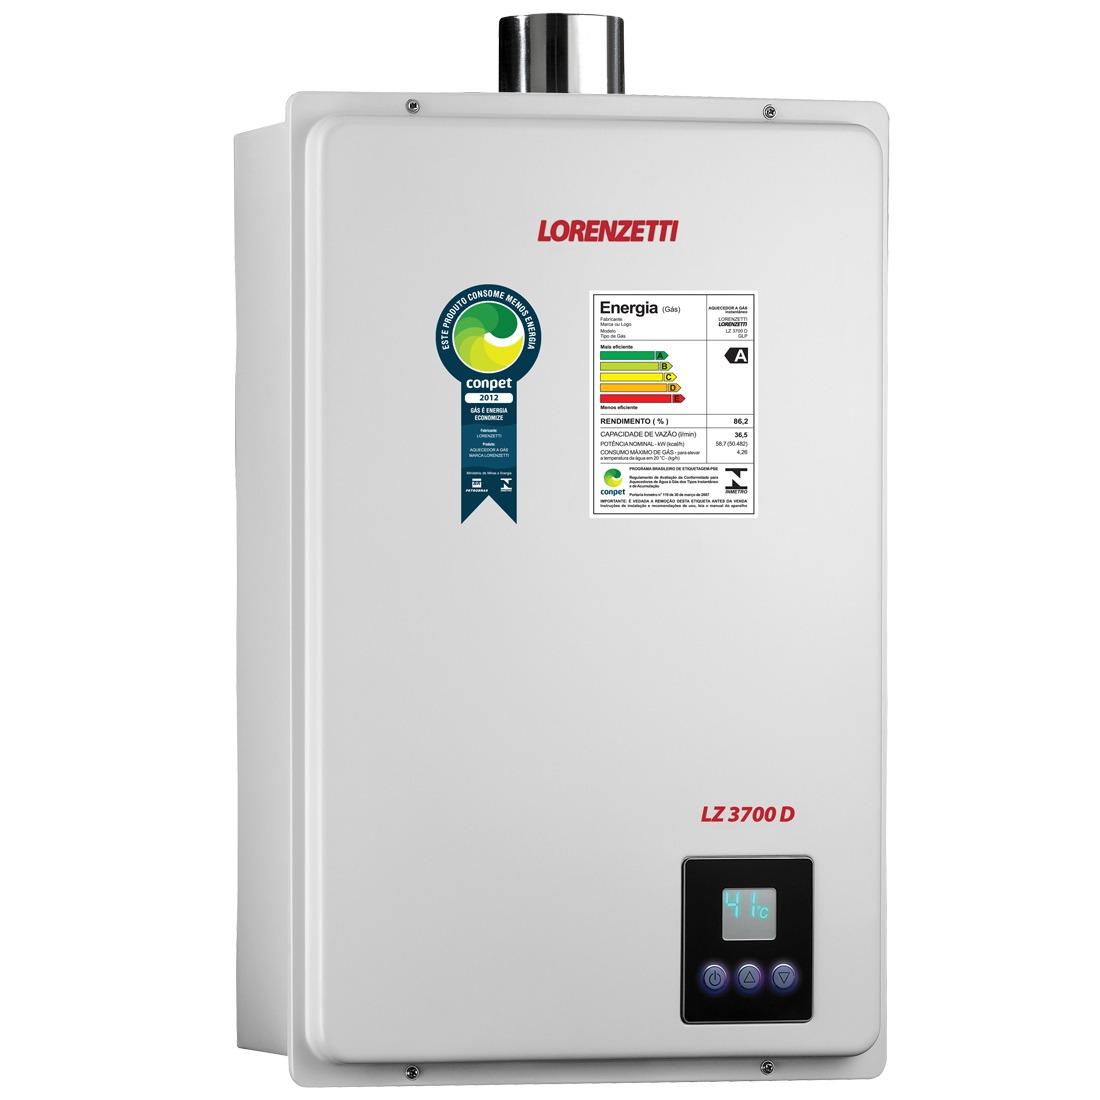 Aquecedor De Água A Gás Lz 3700d Gn 36 5 Lorenzetti R$ 3.491 90  #168F42 1100x1100 Balança Para Banheiro Ricardo Eletro